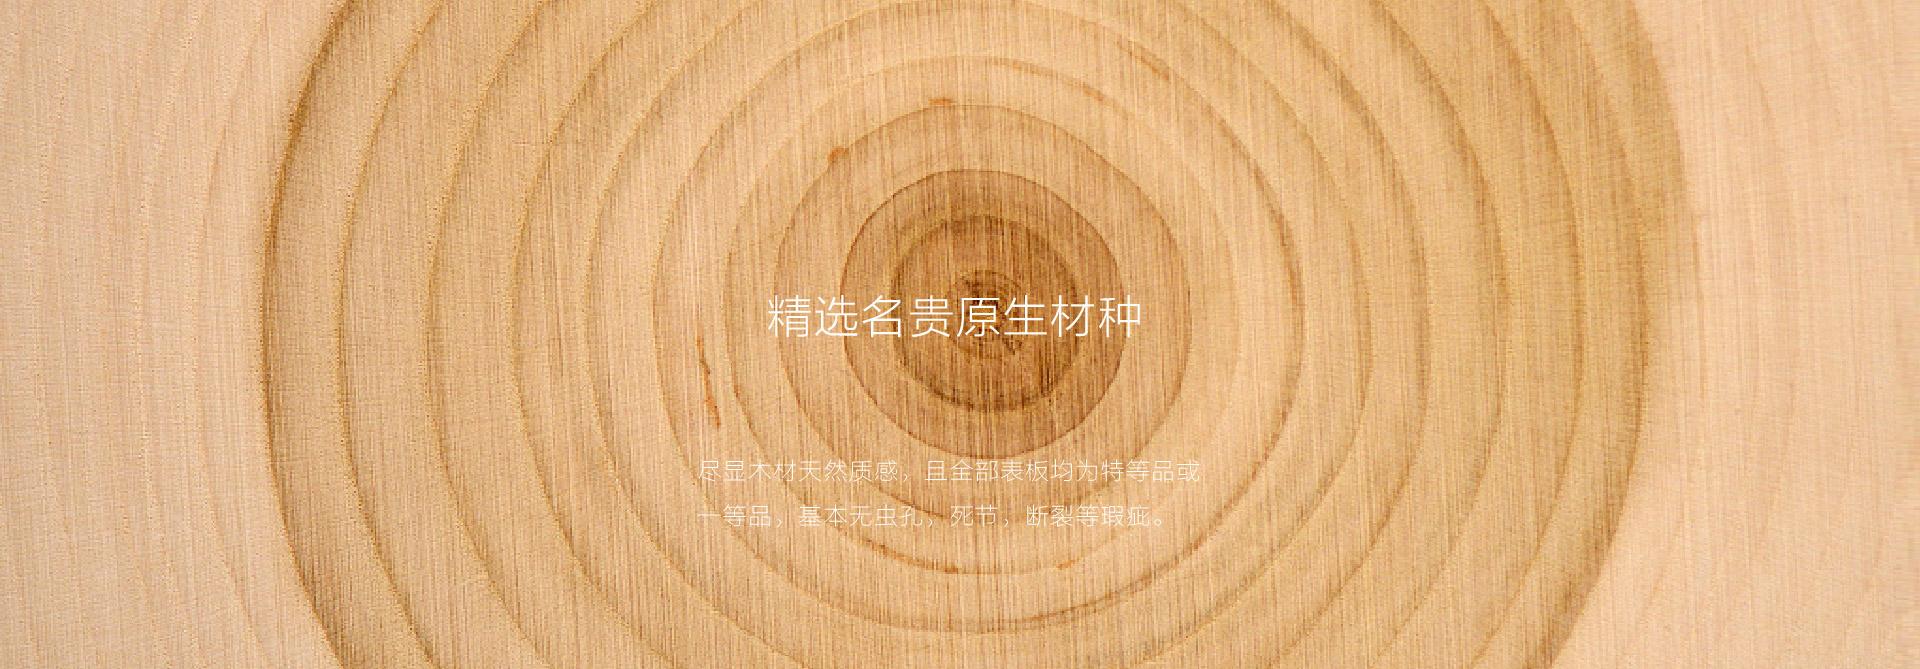 shimu_03.jpg